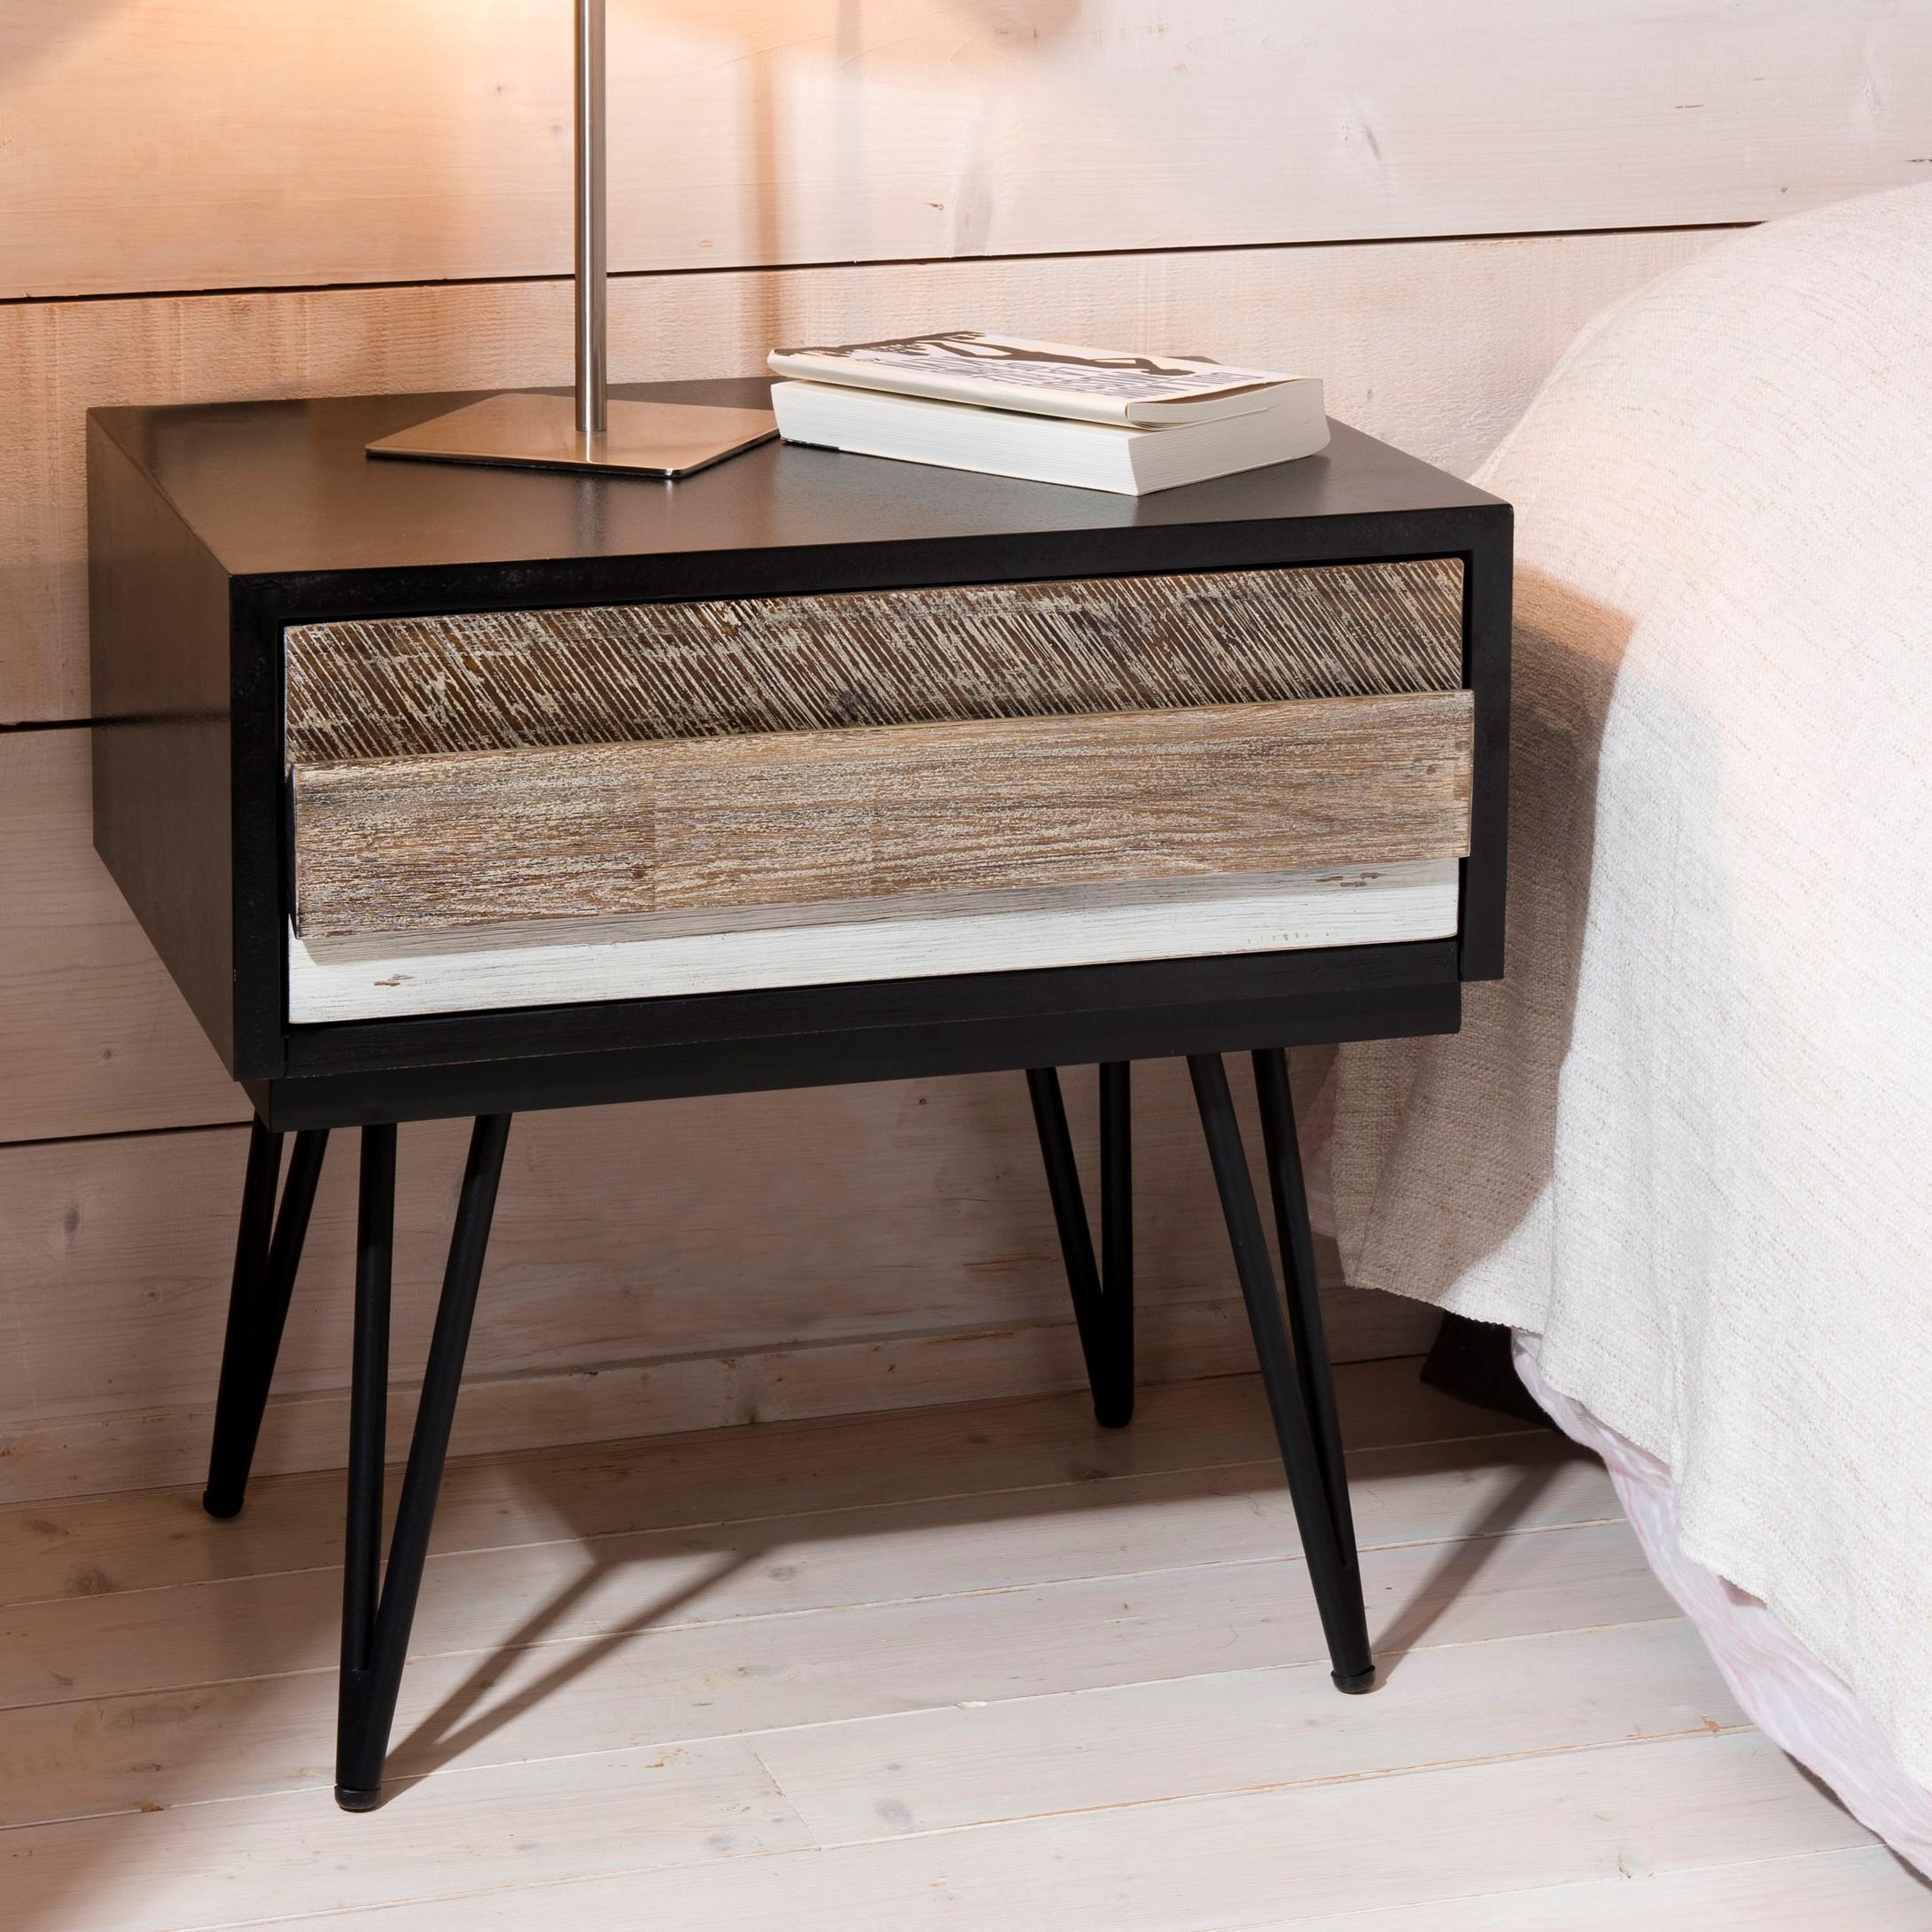 table de chevet en acacia massif noir 1 tiroir bandes teintes variees et pieds metal noir 60x45x59 5cm cadix